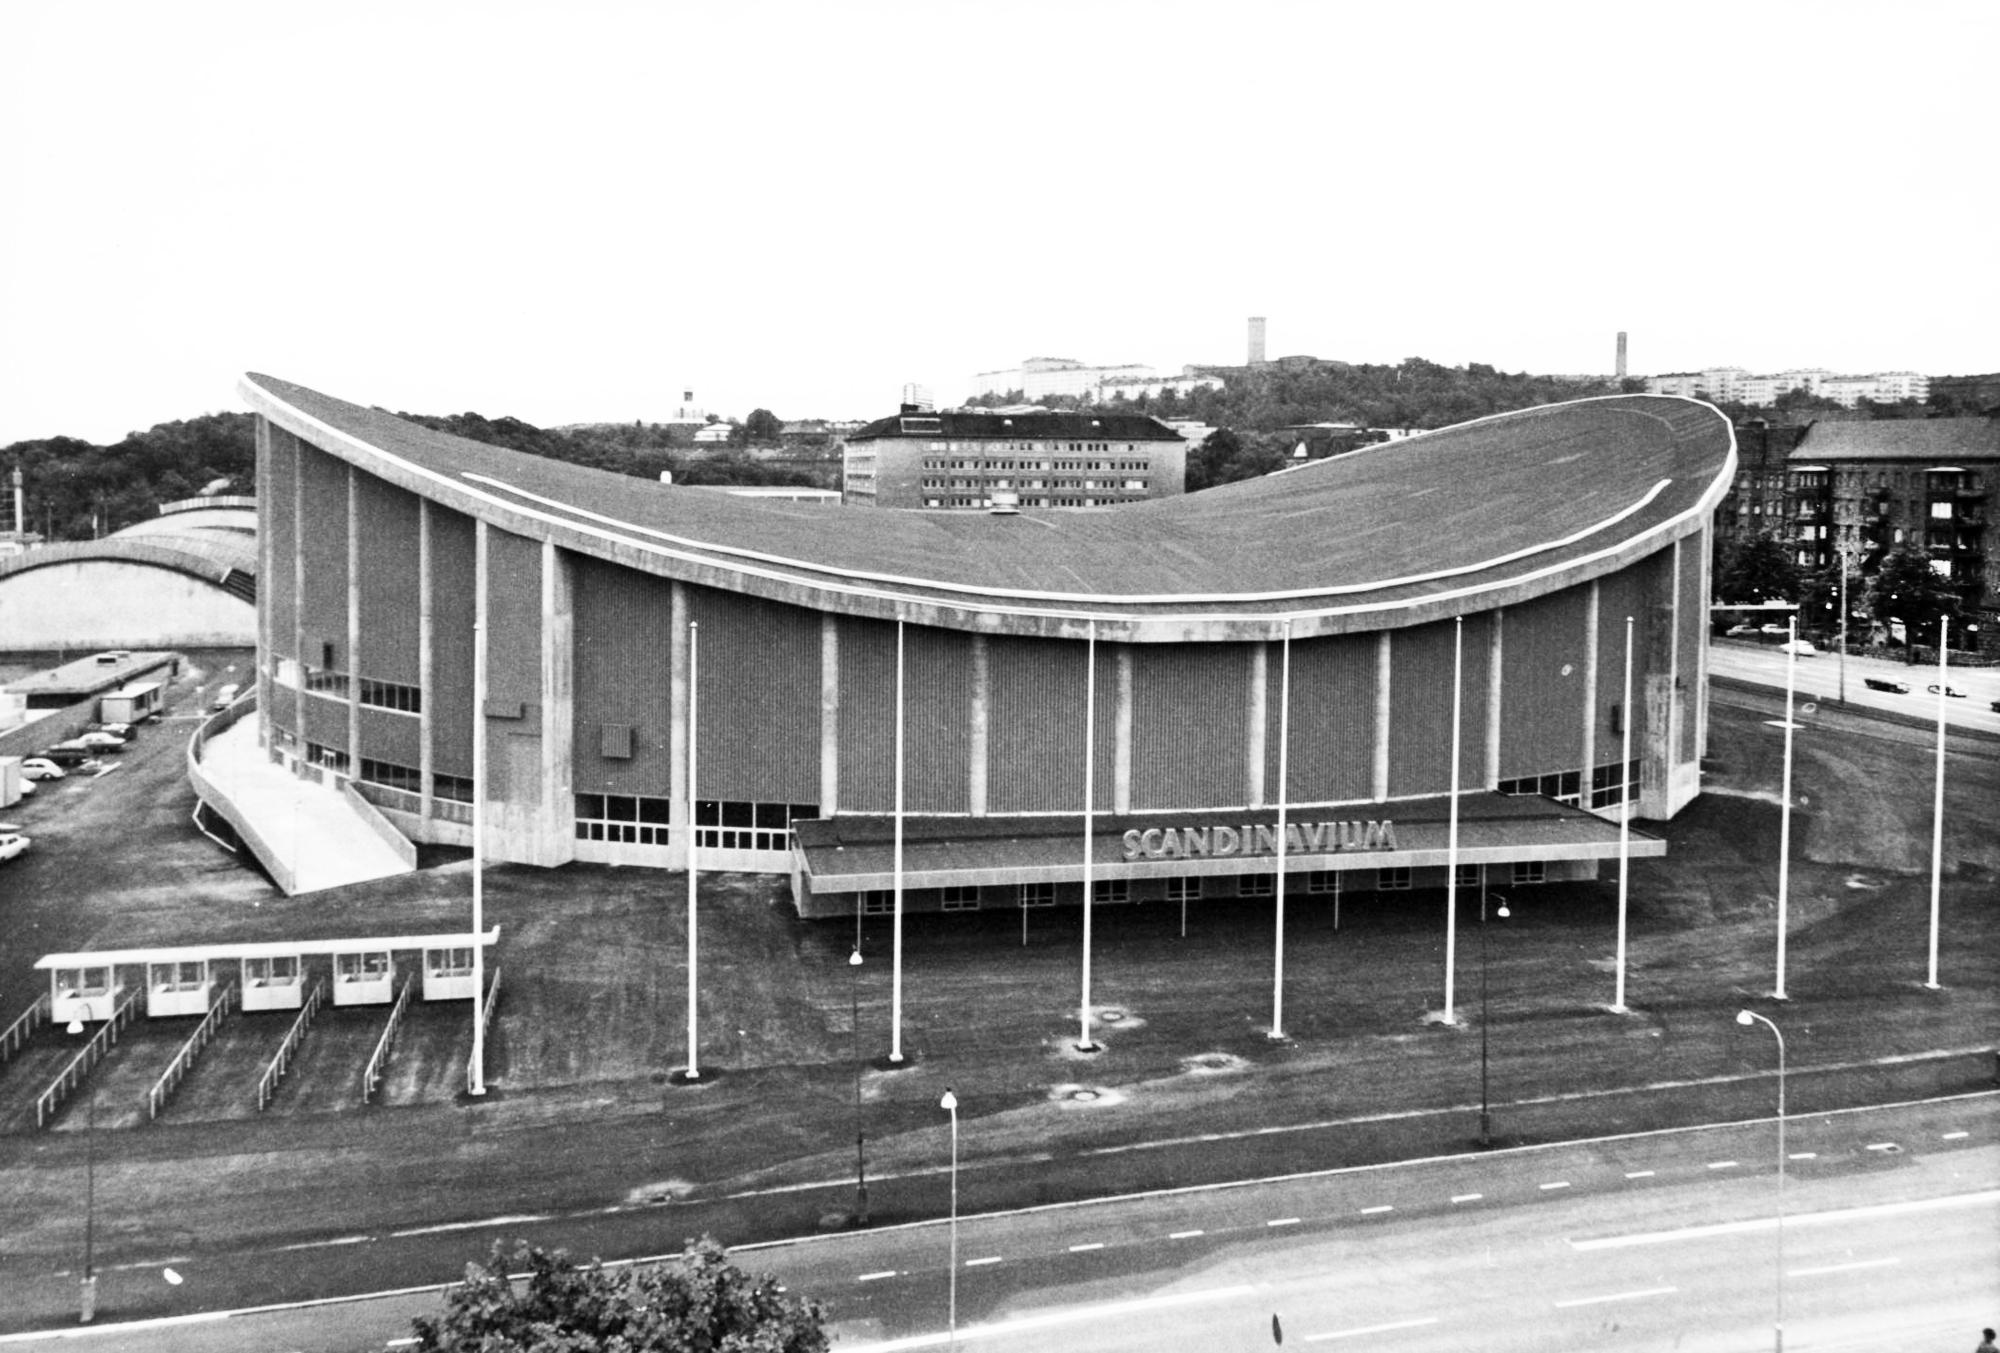 Framsidan av arenan Scandinavium på 1970-talet.